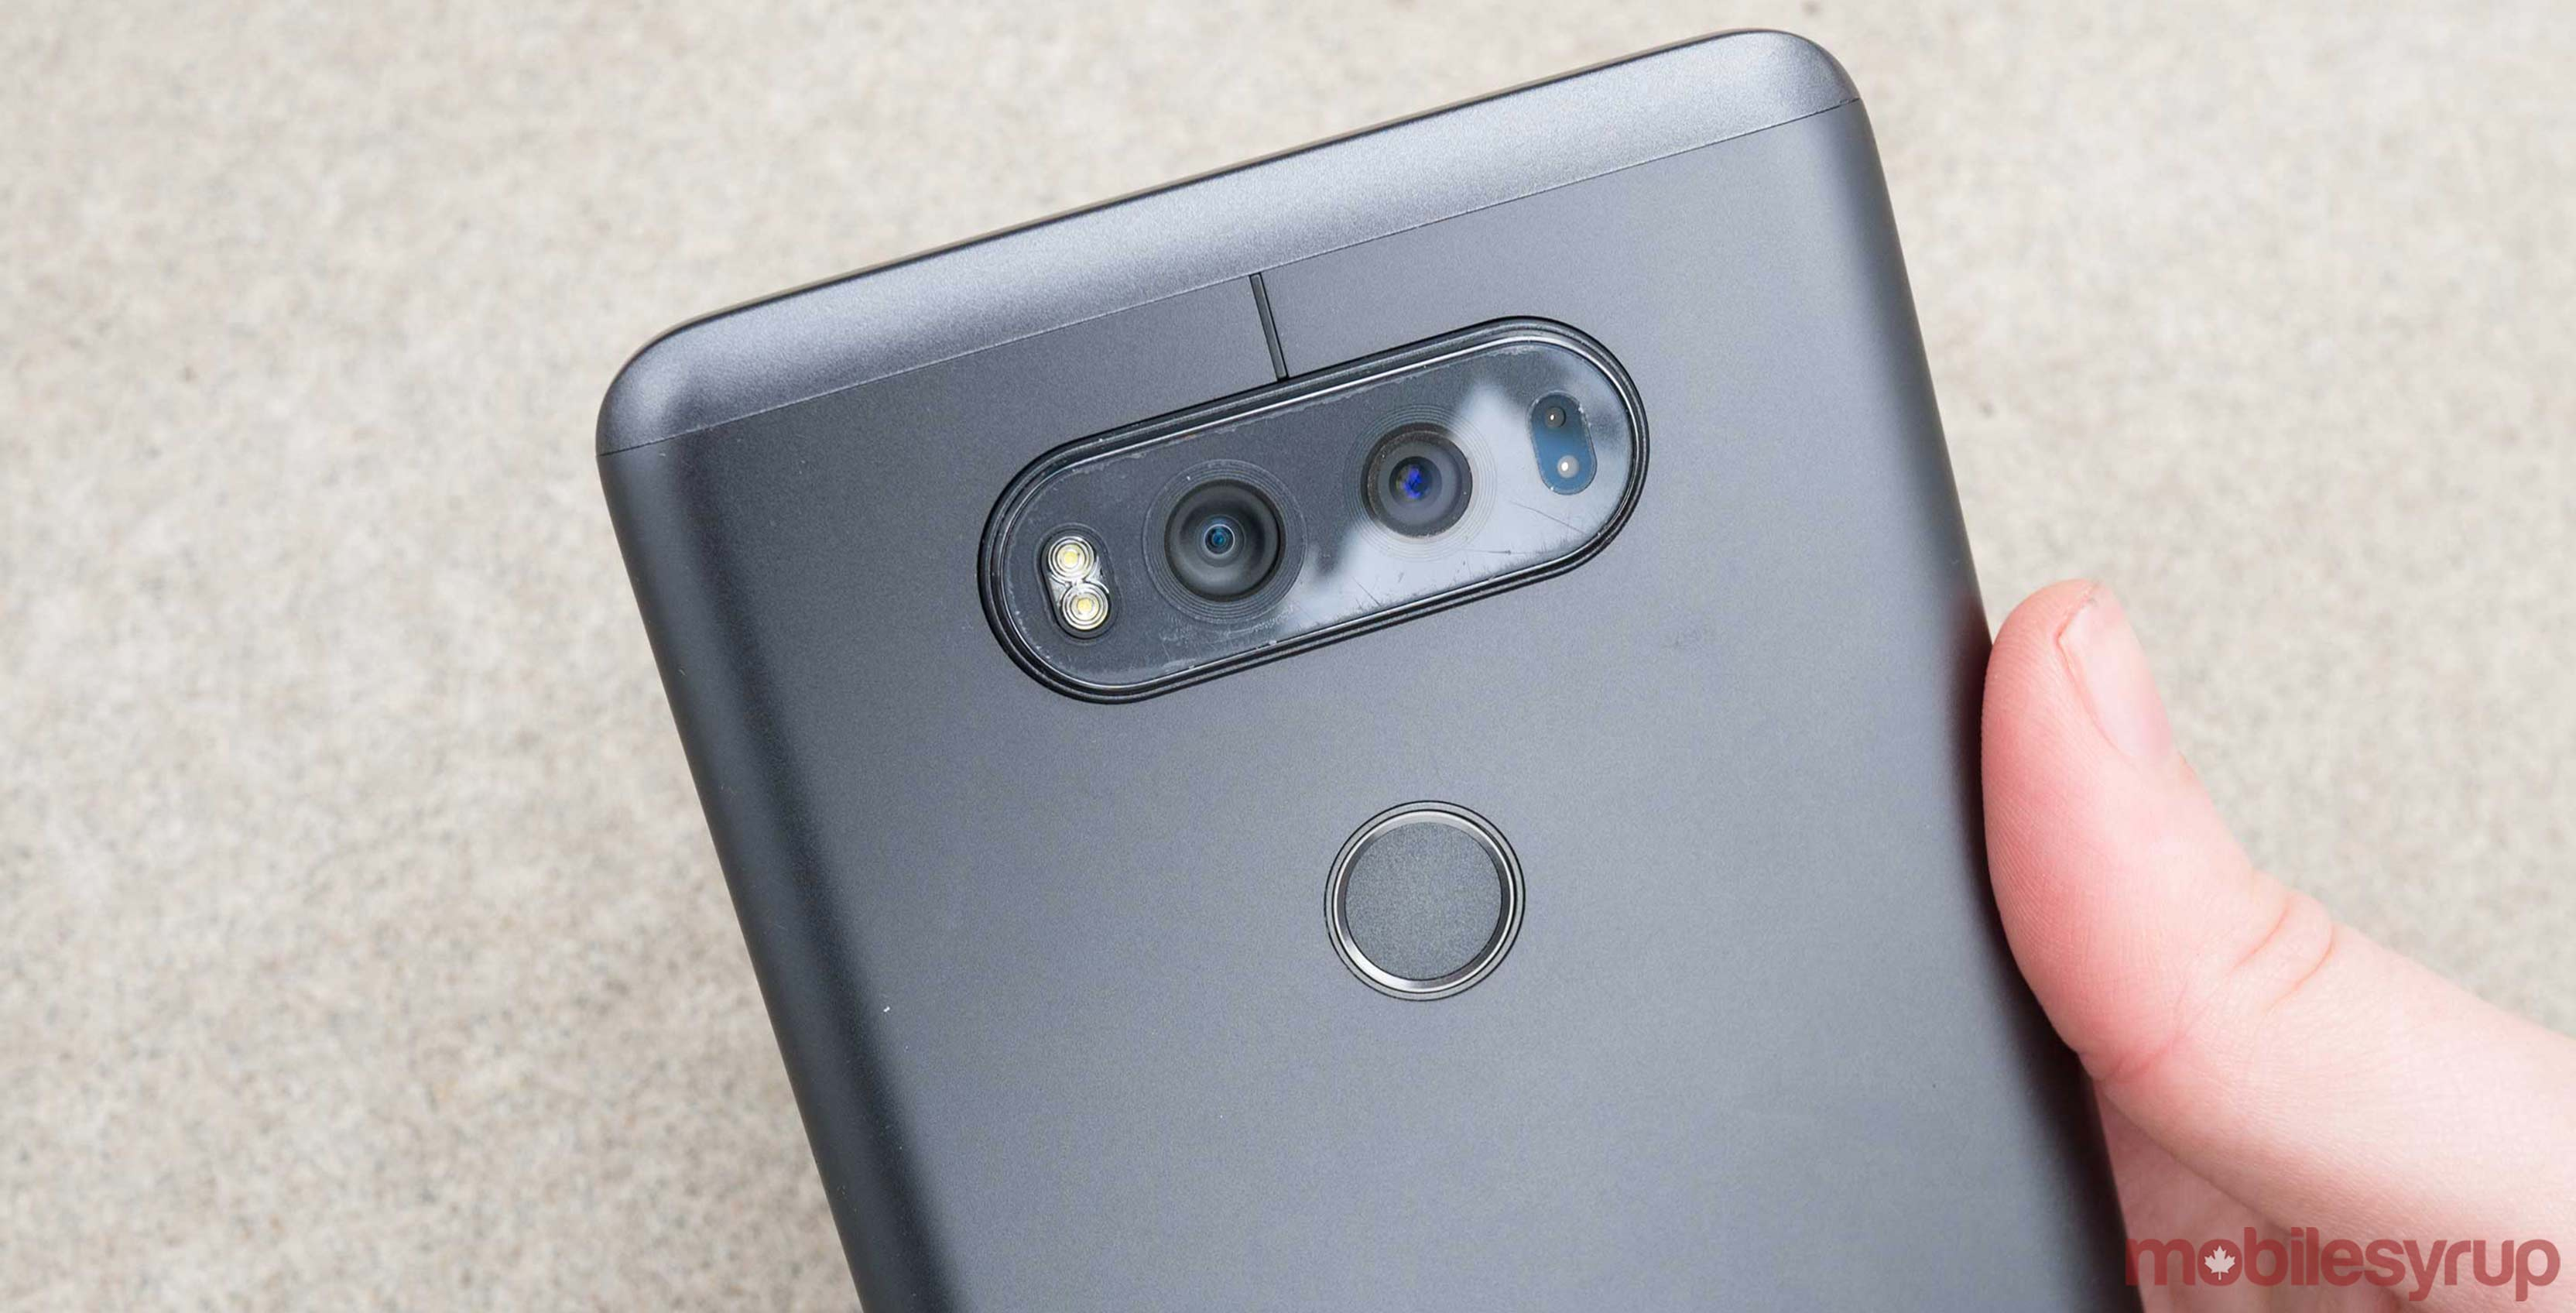 LG V30 will go on sale on September 28